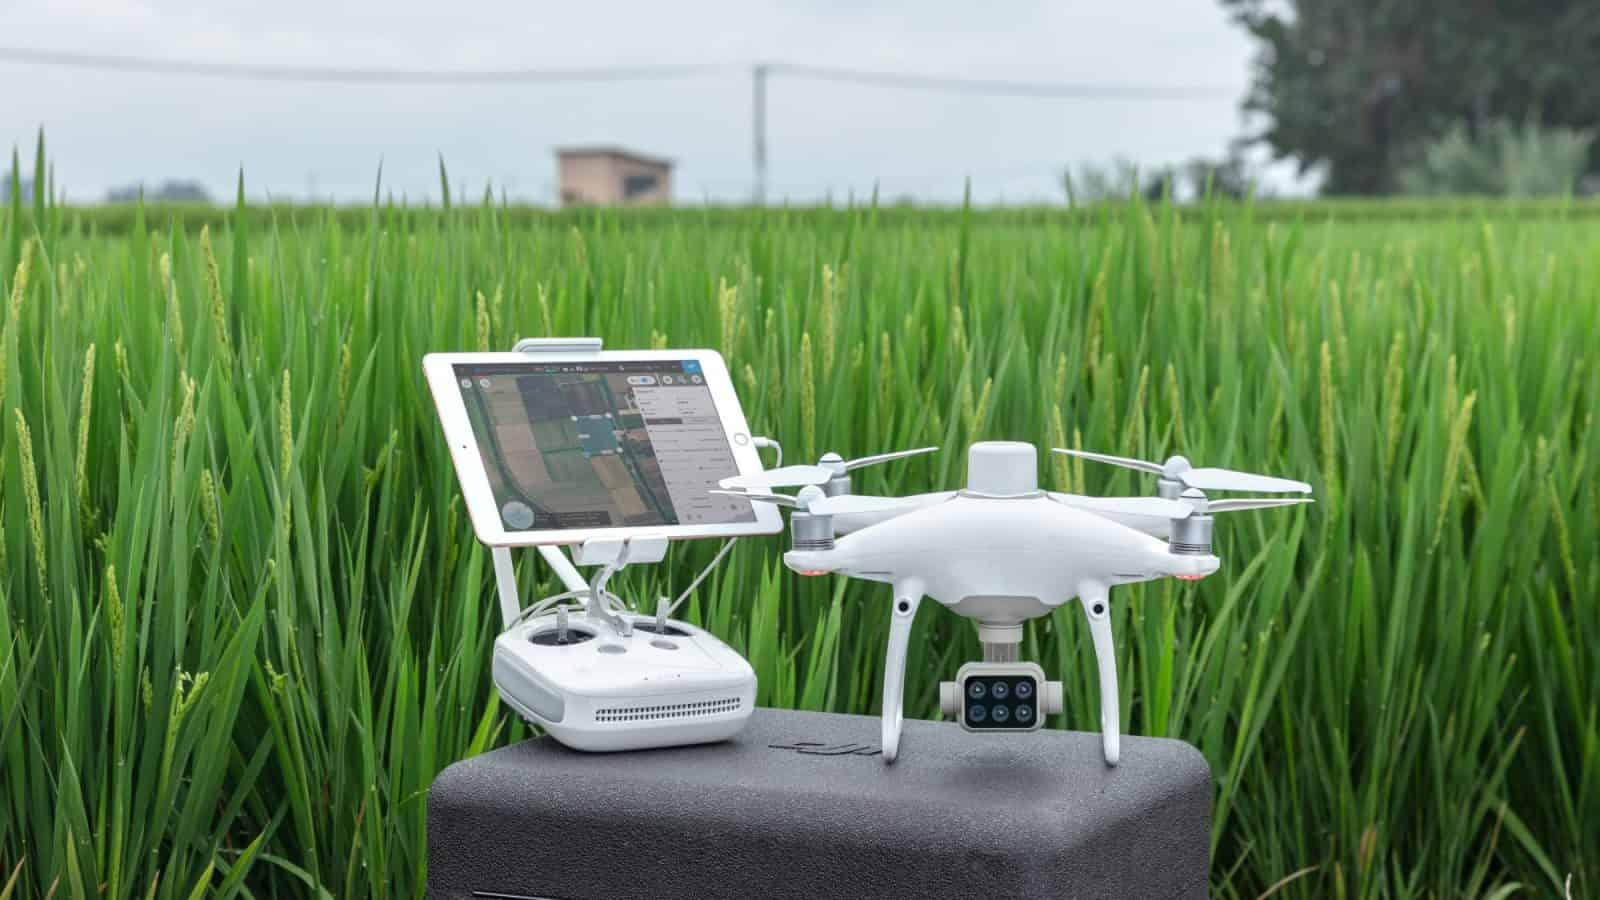 Drone Dji Phantom 4 con camera multispettrale